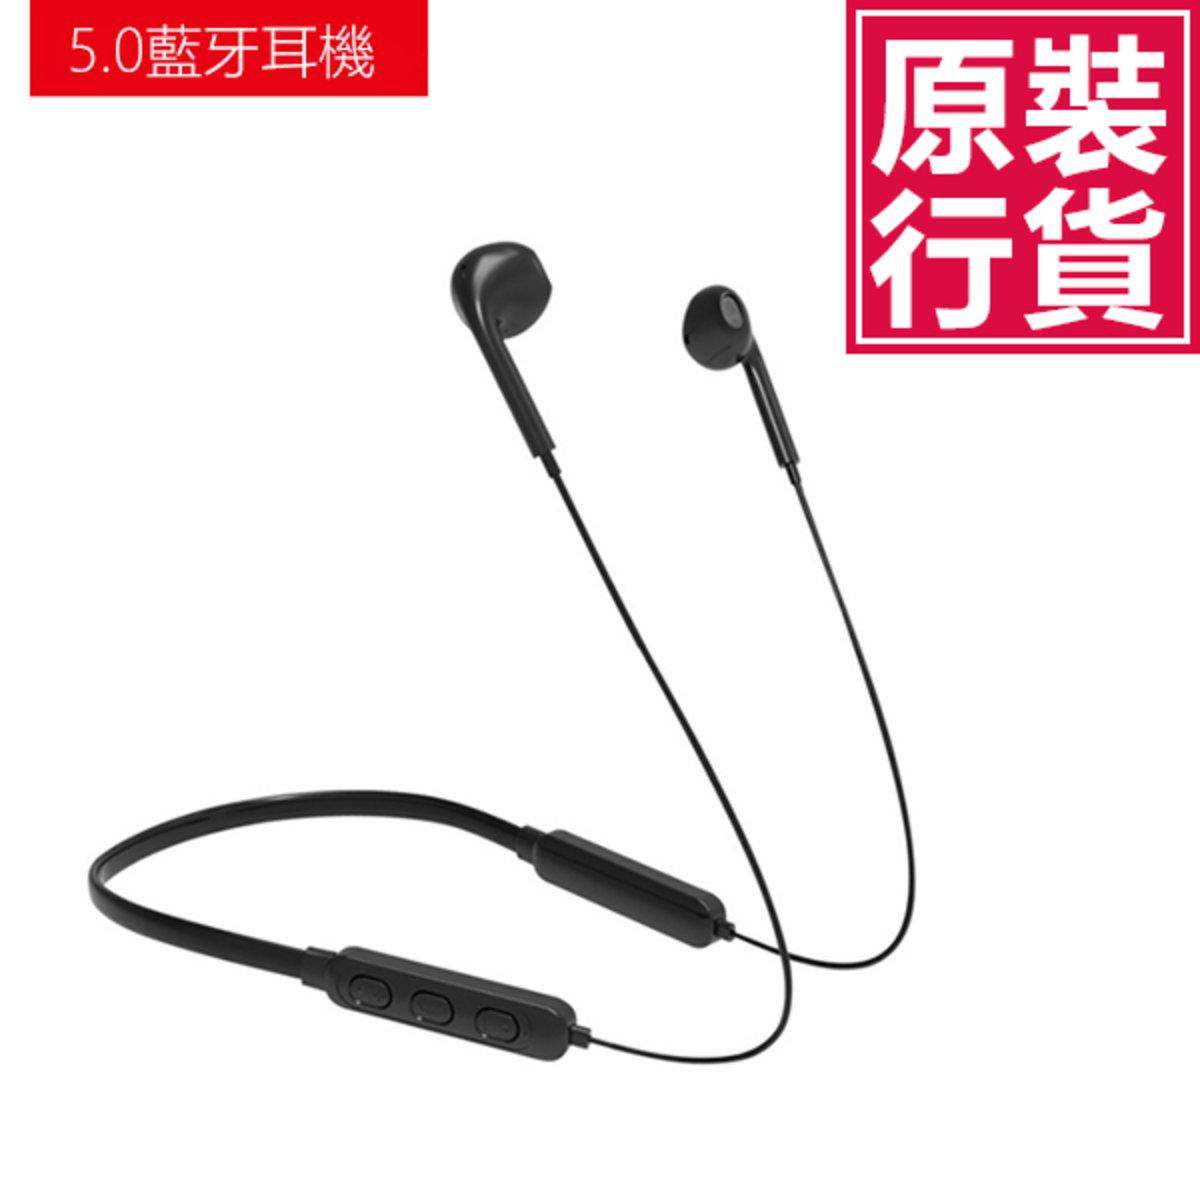 [瘋狂MORE Dollar]S16掛脖無線5.0運動藍牙耳機